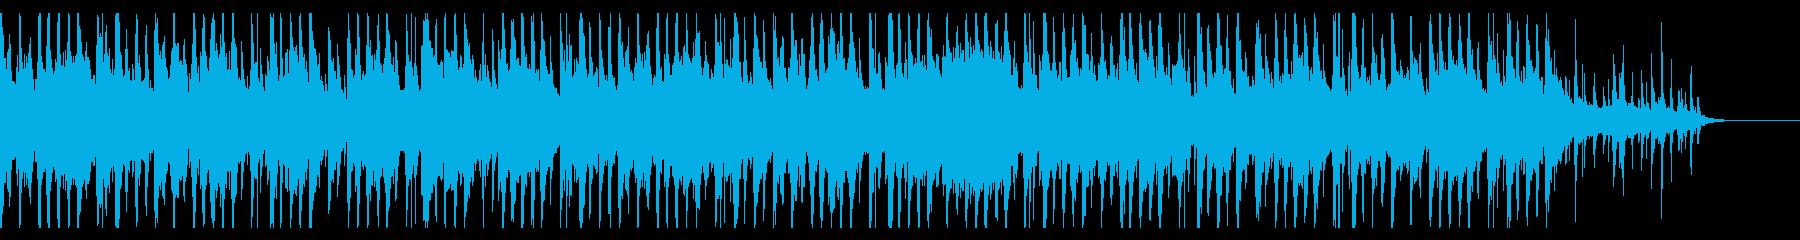 メロディアスでシンプルなジャズの再生済みの波形